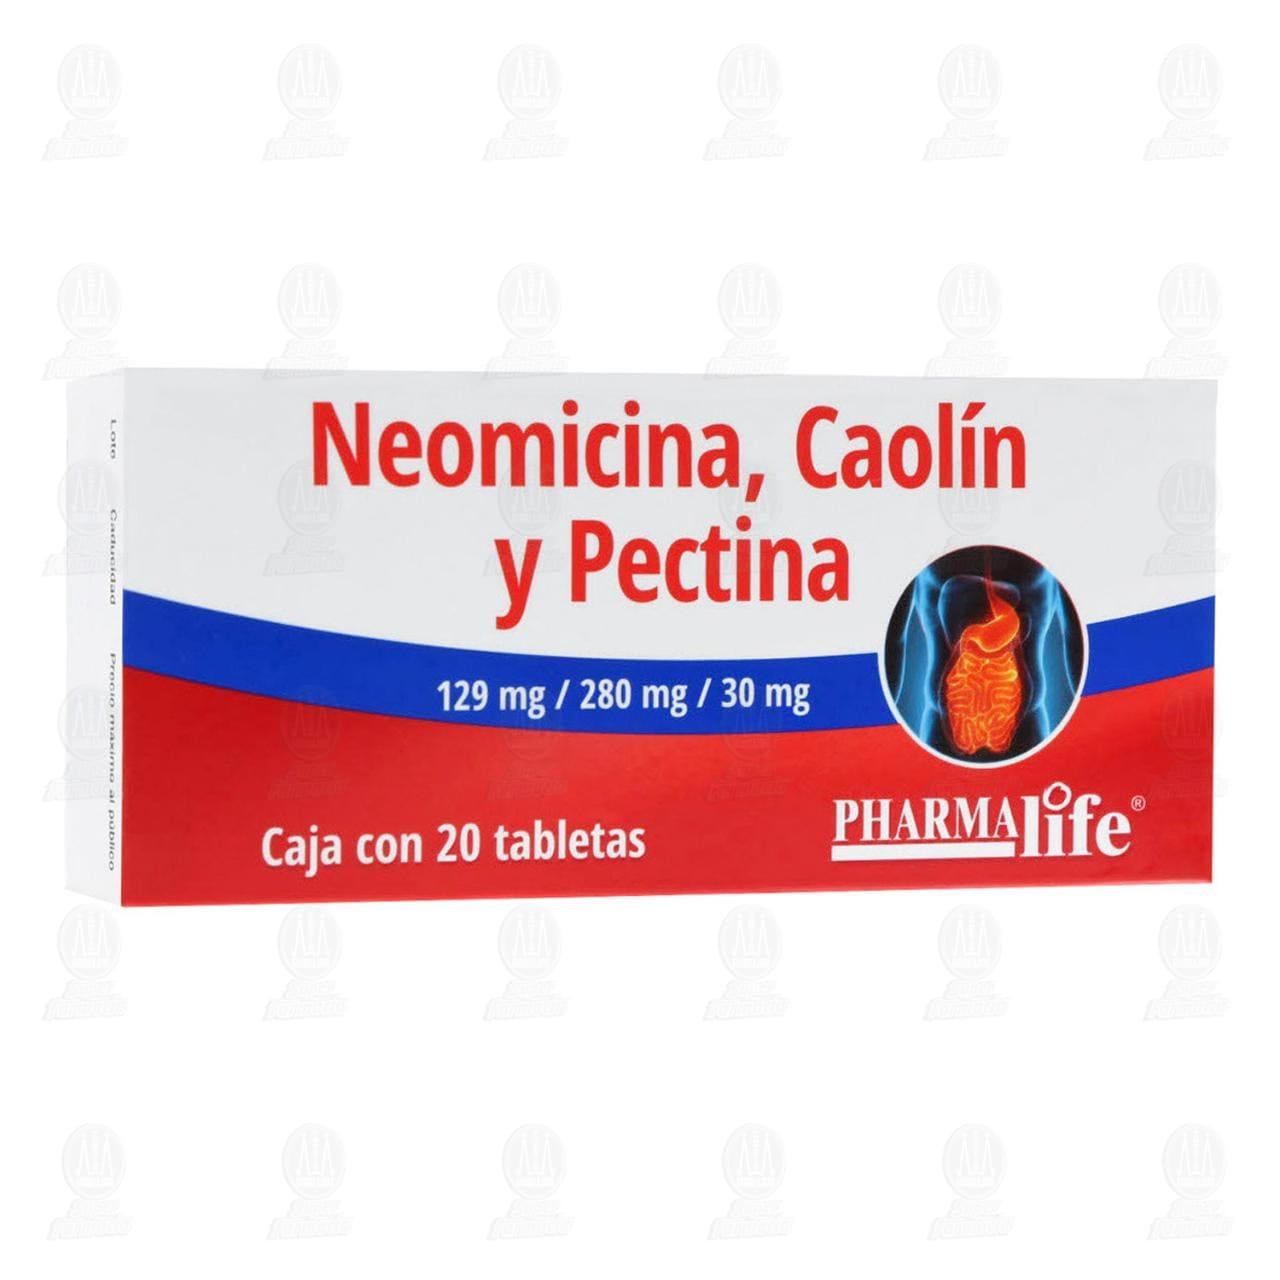 Comprar Neomicina/Caolín y Pectina 20 Tabletas Pharmalife en Farmacias Guadalajara